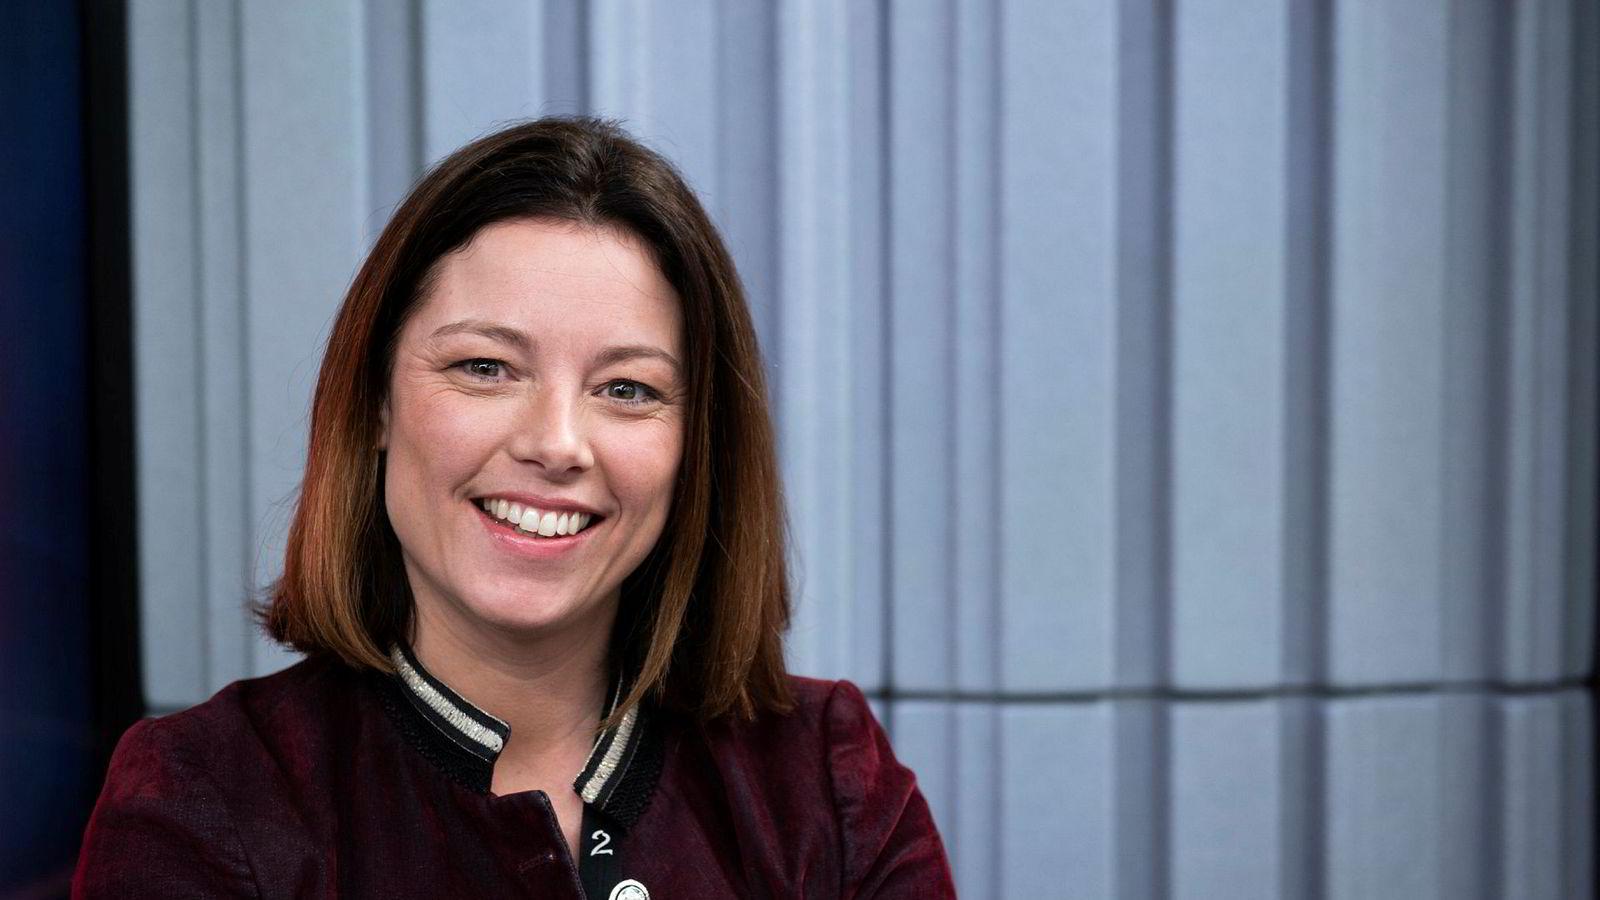 Vi er fornøyd med at vi unngår rettssak, sier organisasjons- og kommunikasjonsdirektør i TV 2, Sarah Willand.